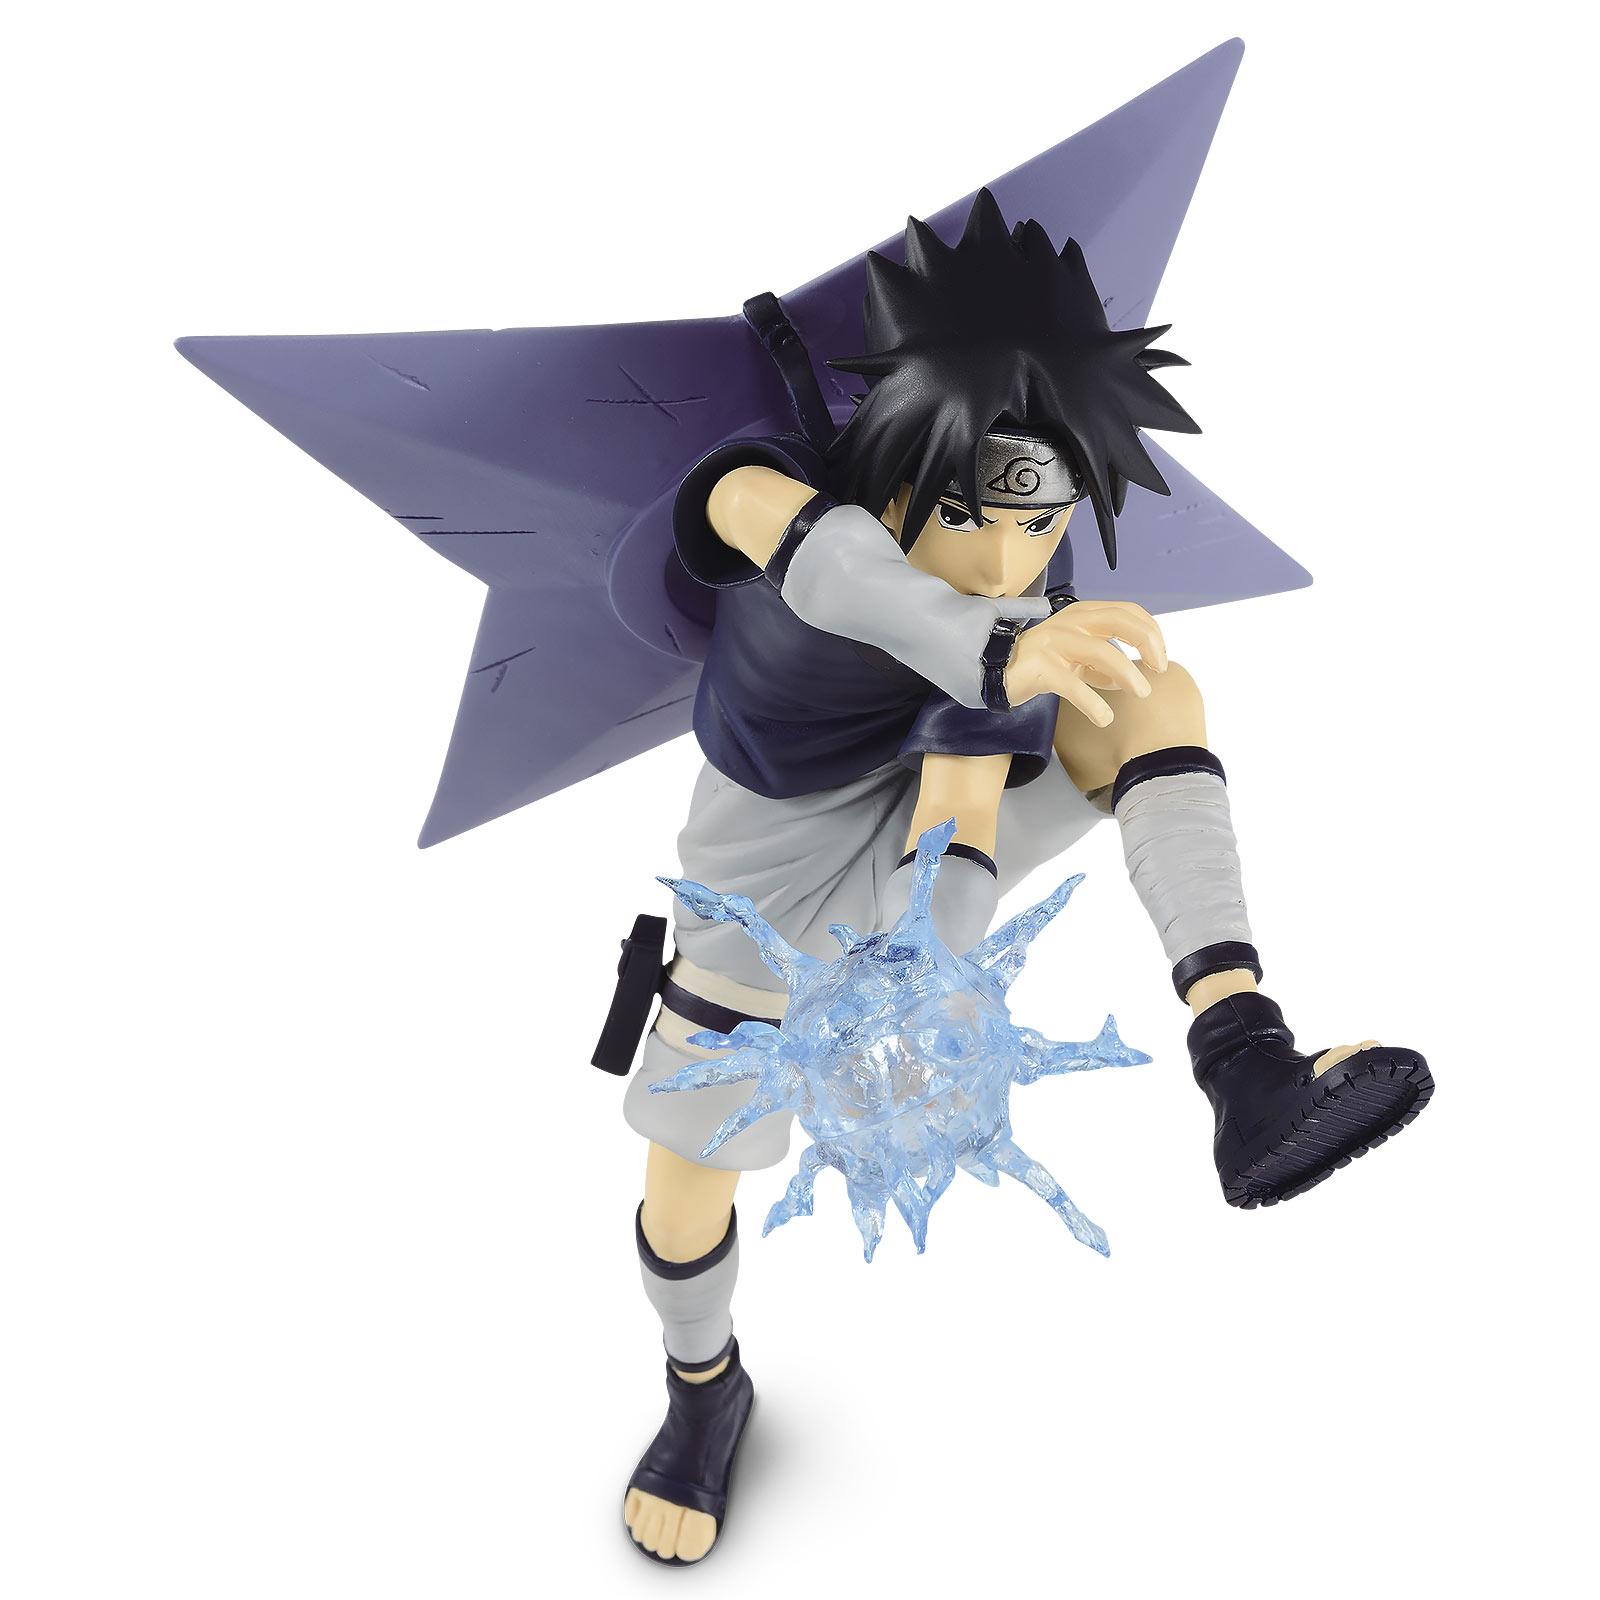 Naruto Shippuden - Uchiha Sasuke Figur